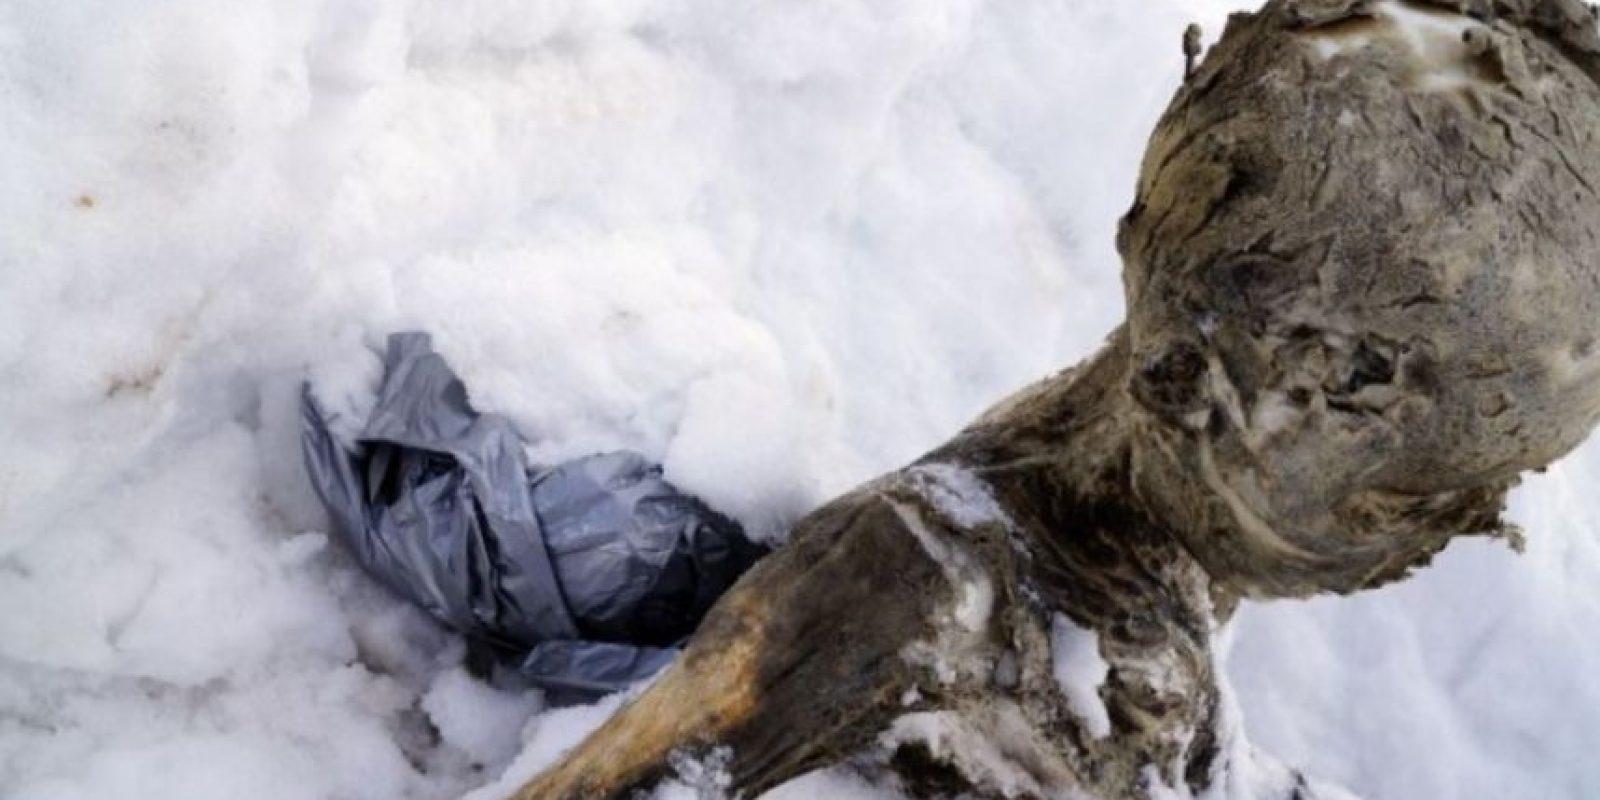 Se supo que el cuerpo perteneció a un hombre de entre 52 y 71 años Foto:AFP. Imagen Por: